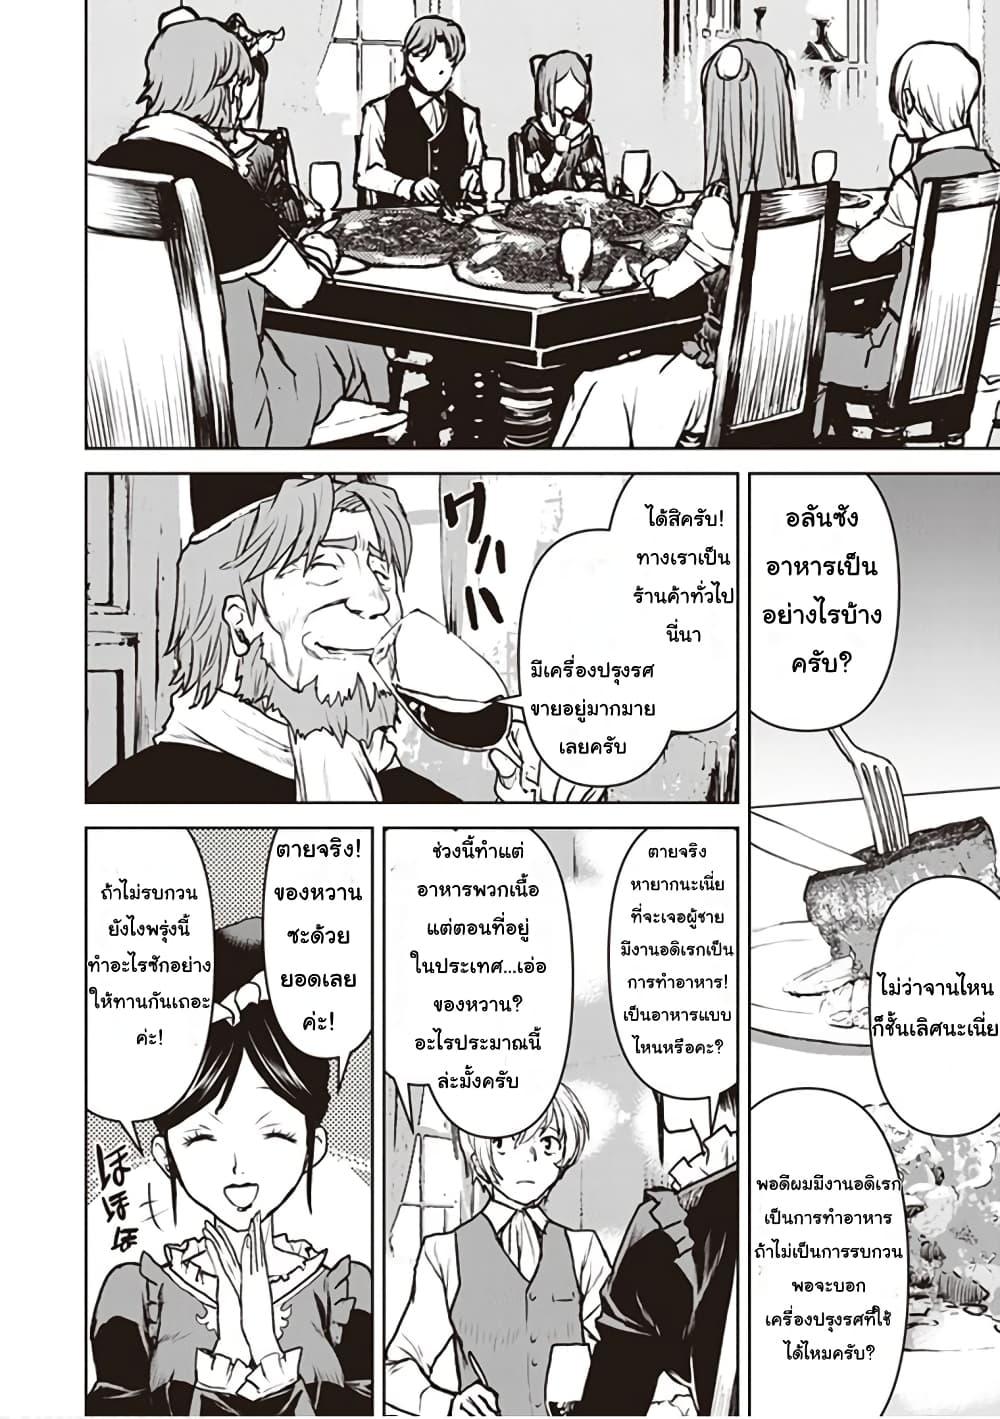 อ่านการ์ตูน The Galactic Navy Officer Becomes an Adventurer ตอนที่ 10 หน้าที่ 12